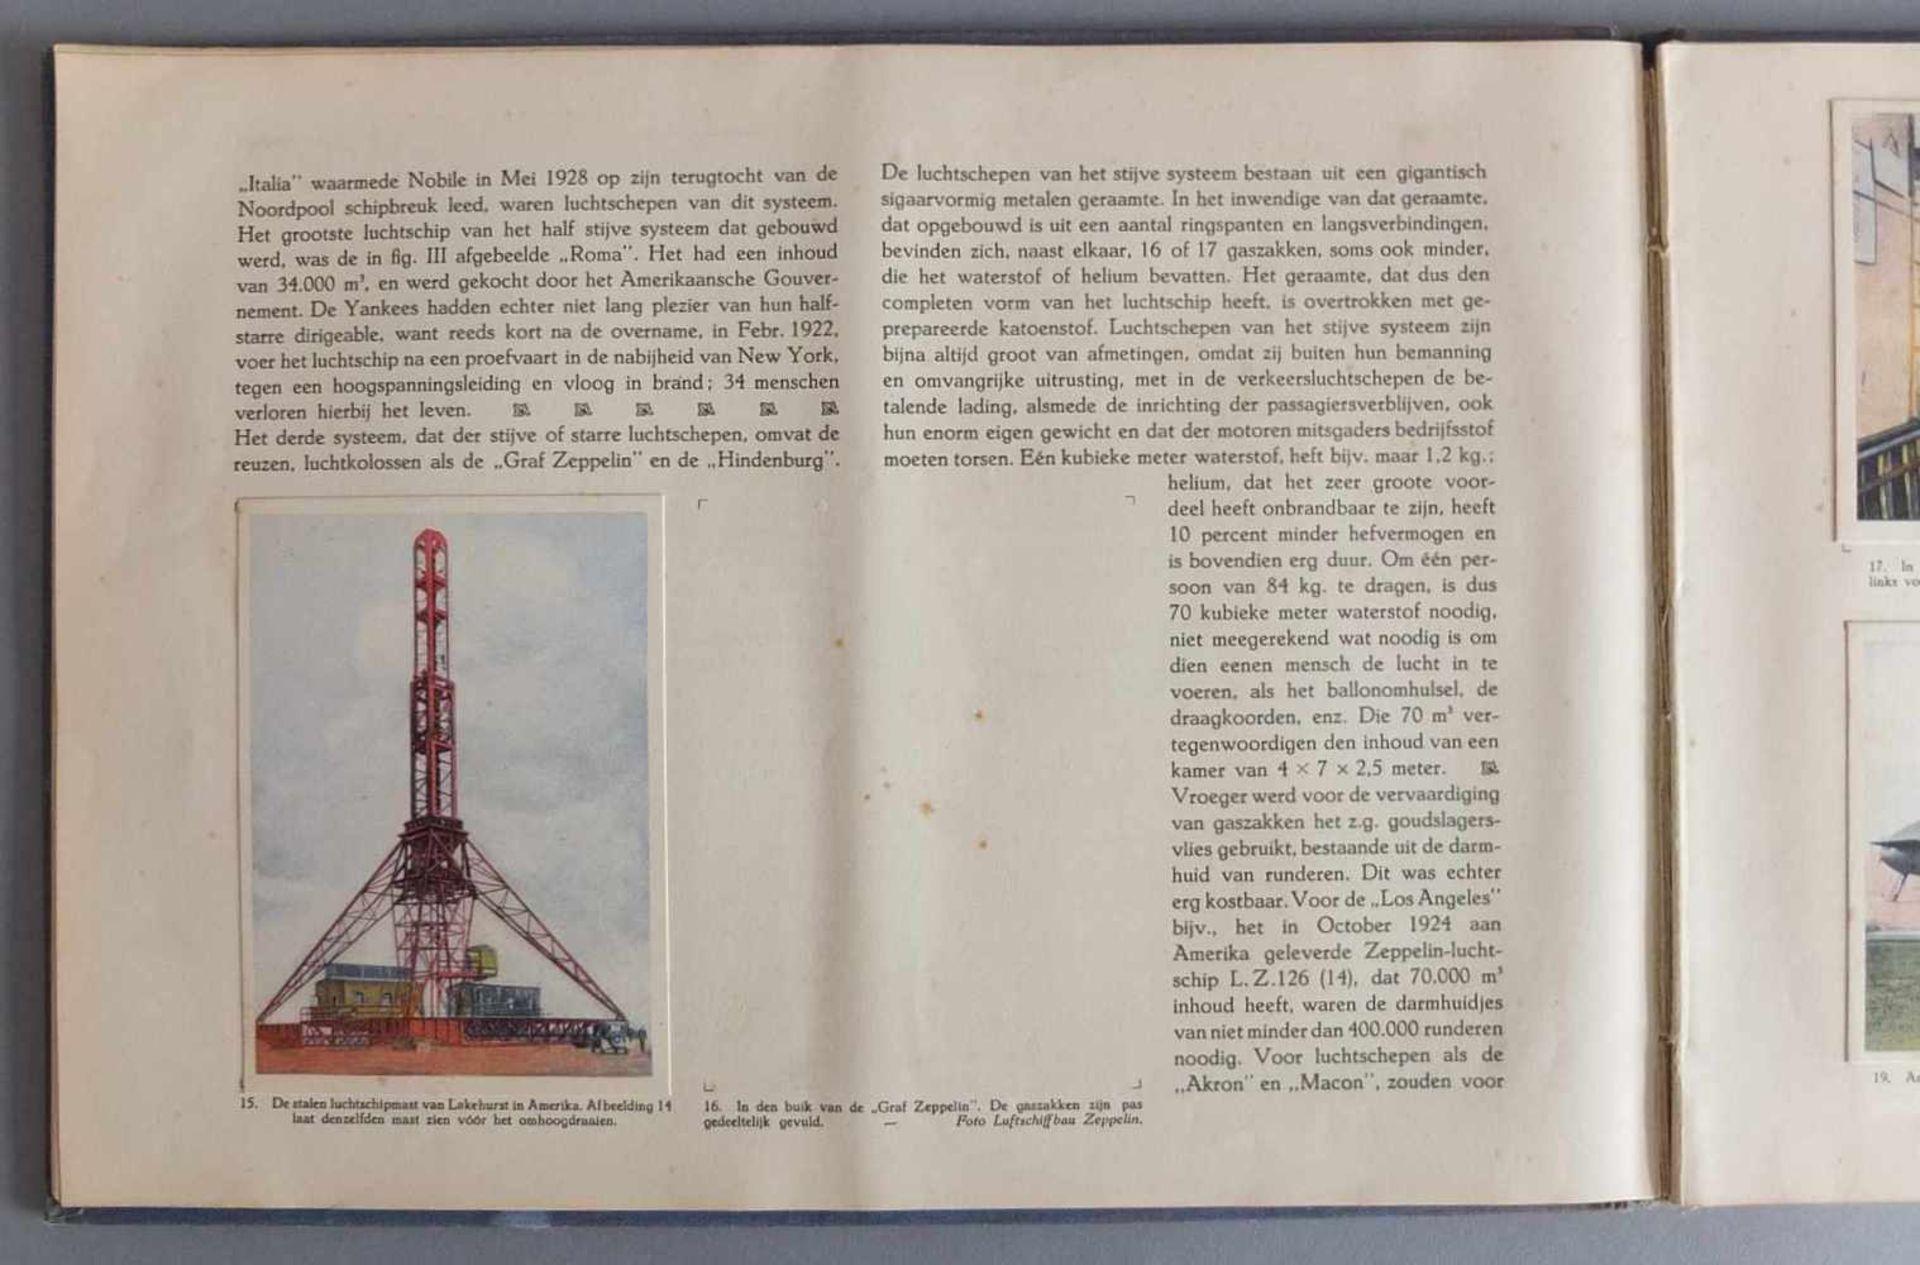 SAMMELALBUM, Patria´s Luchtvaartalbum, Henri Hegener, Amsterdam, 1936, geprägter Leineneinband, - Bild 5 aus 6